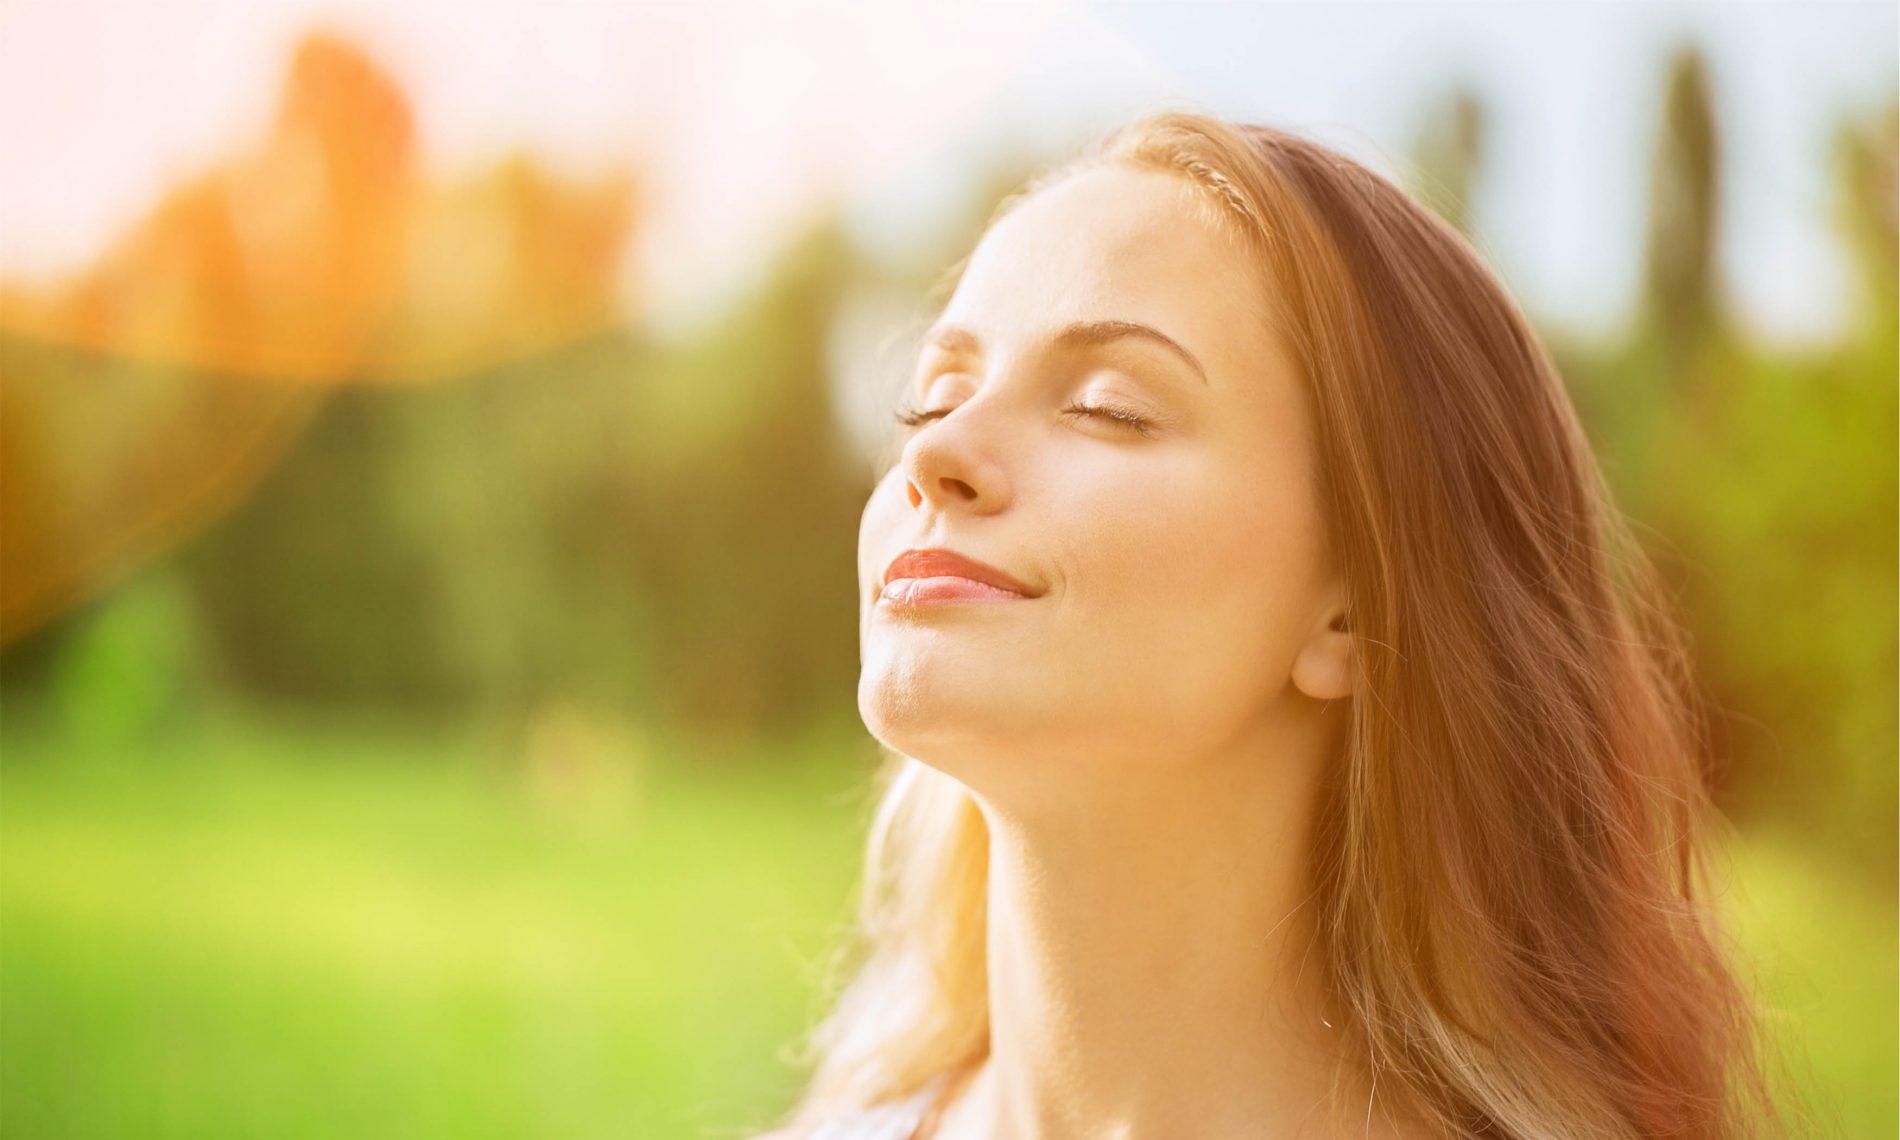 impara a respirare per Ritrovare l'energia perduta